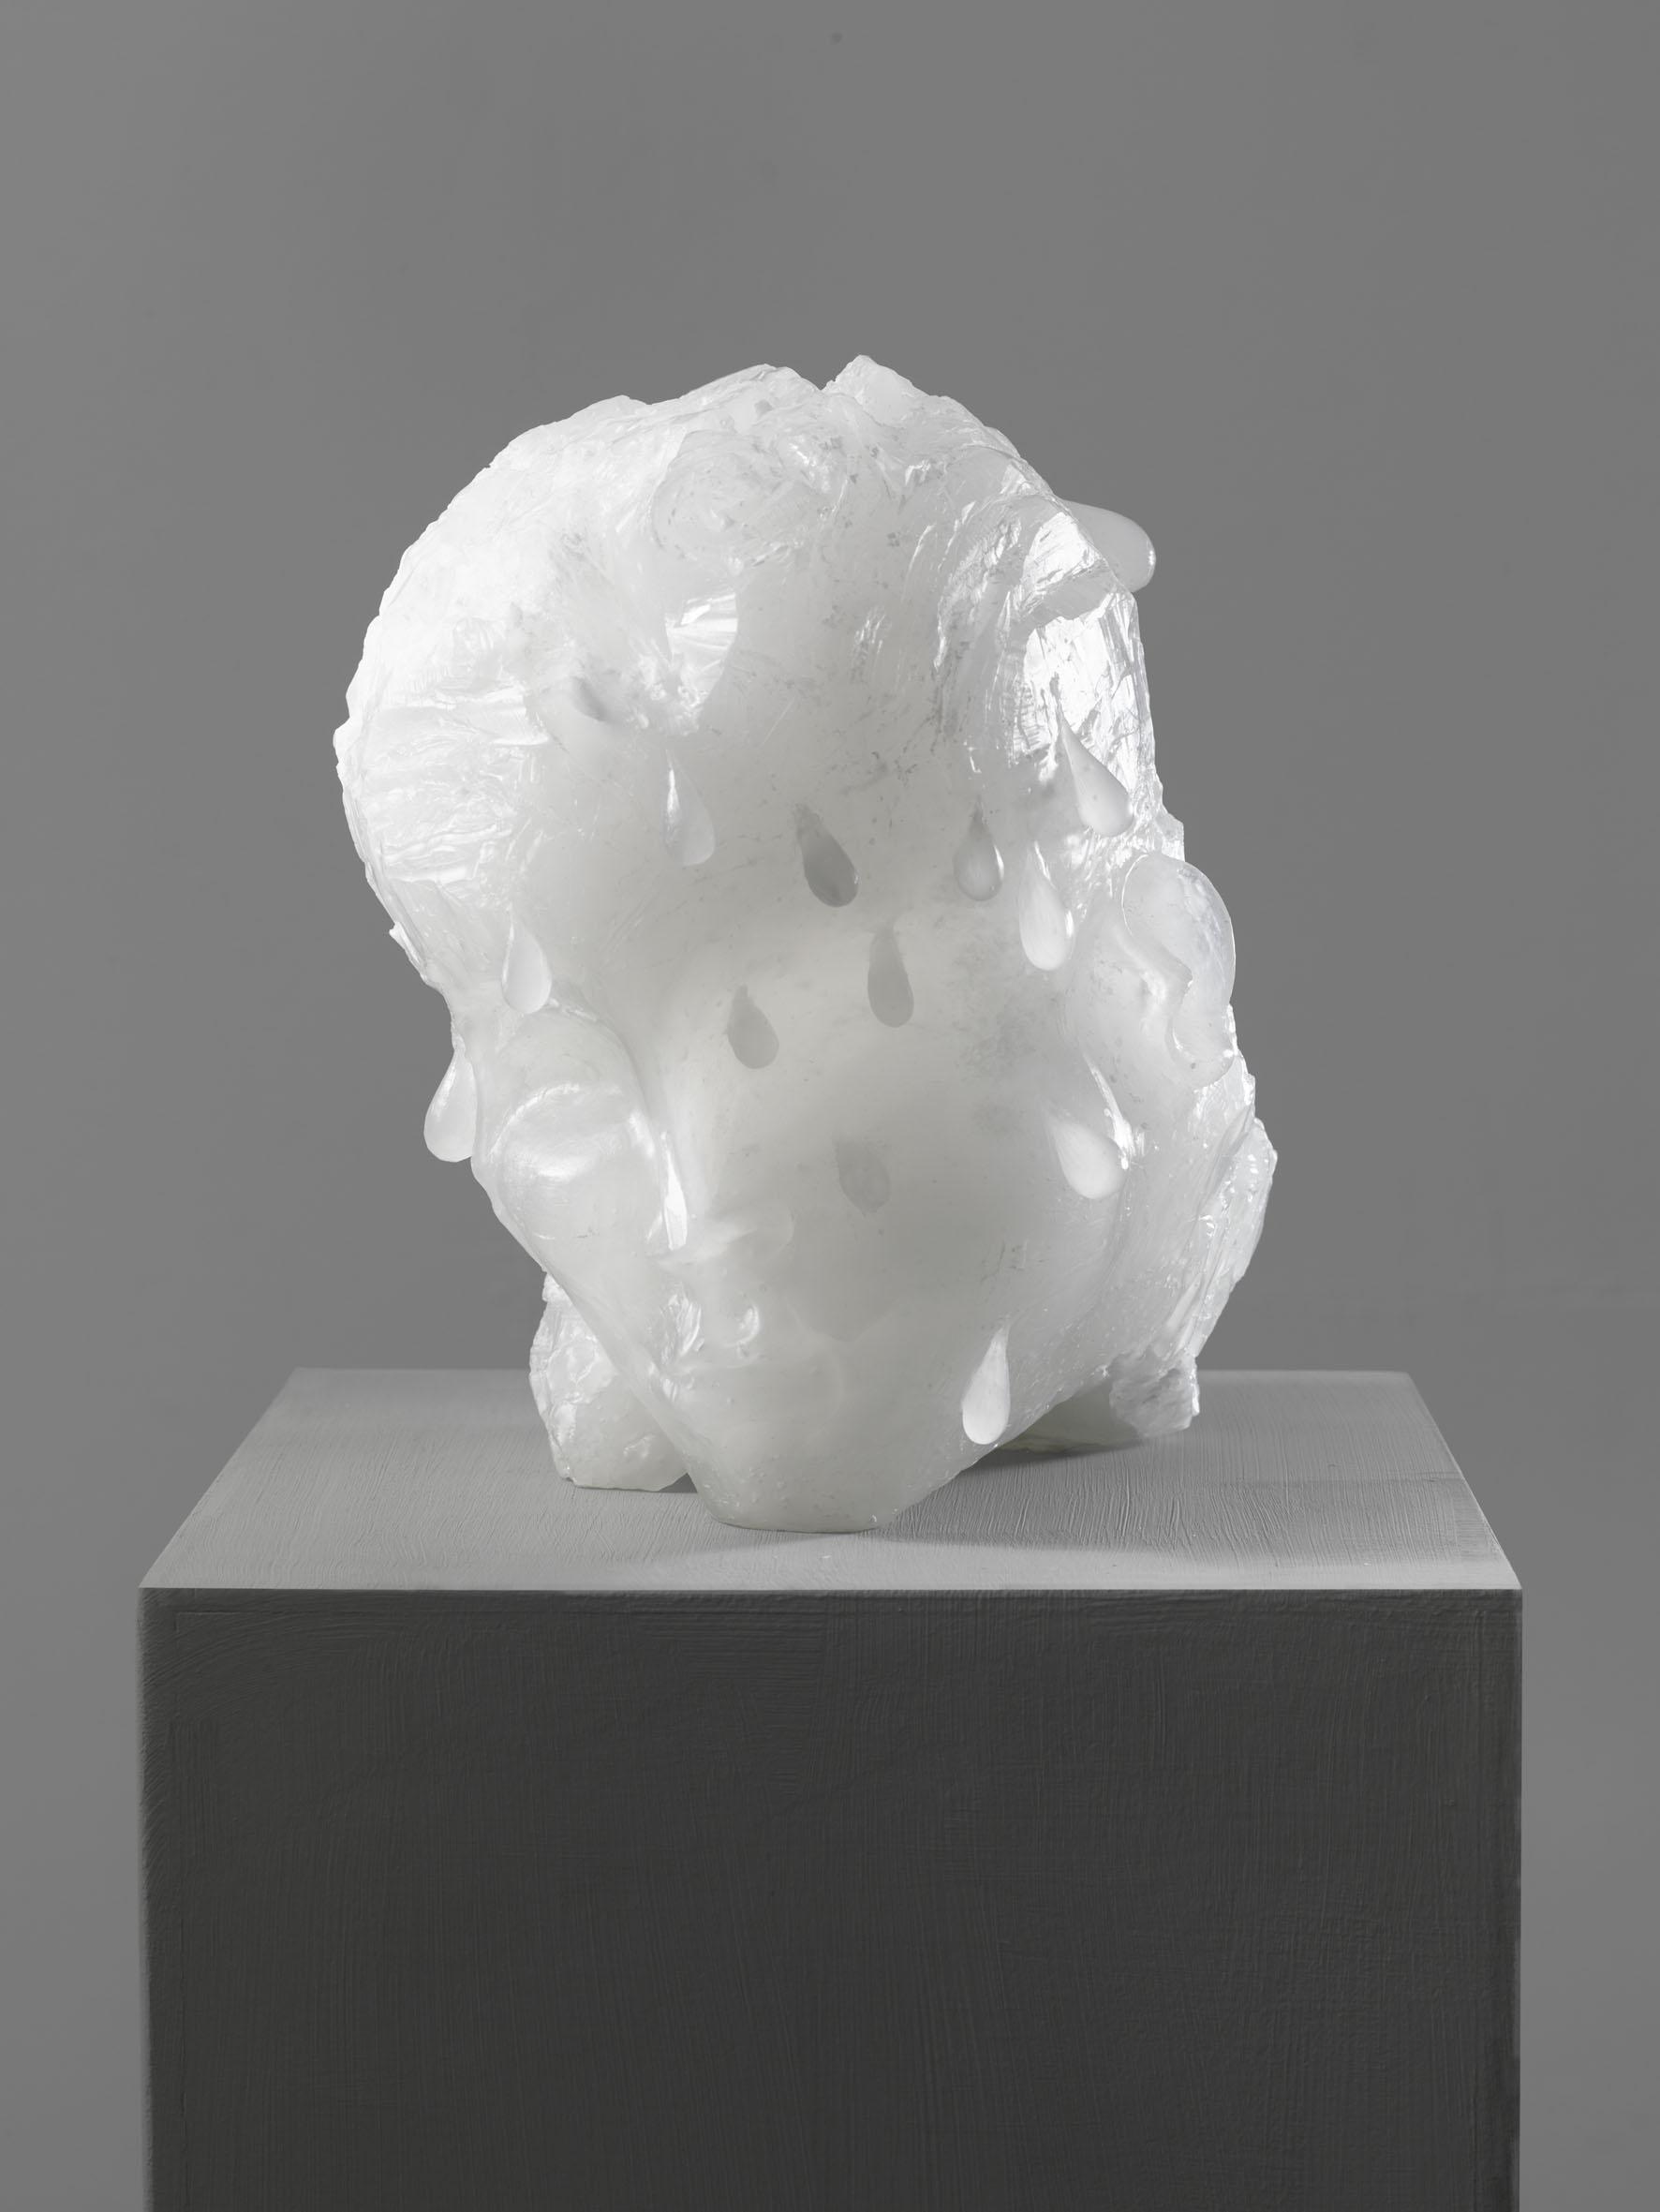 Dennis Scholl Artist Sculpture